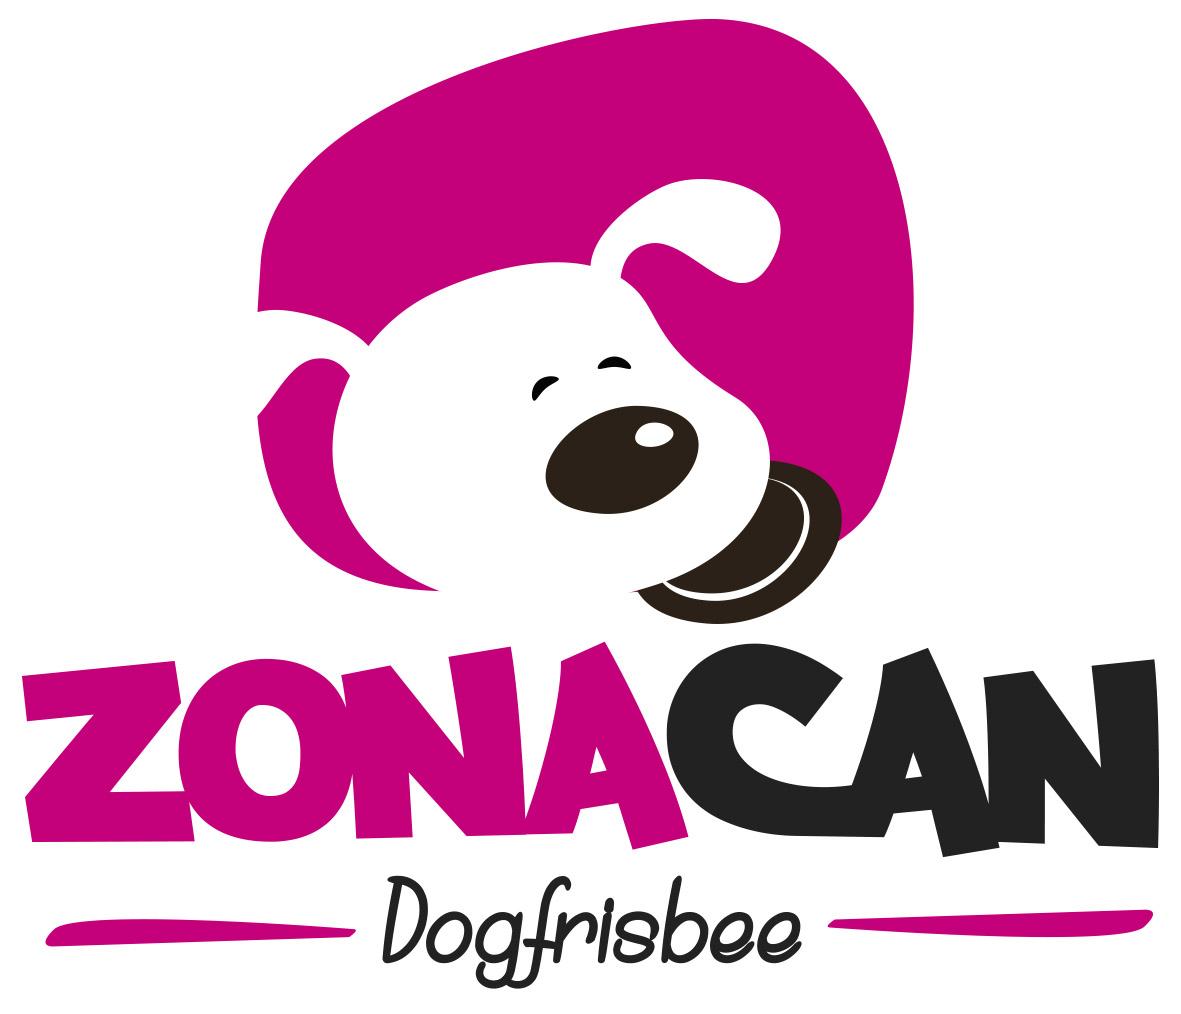 ZonaCan Dogfrisbee